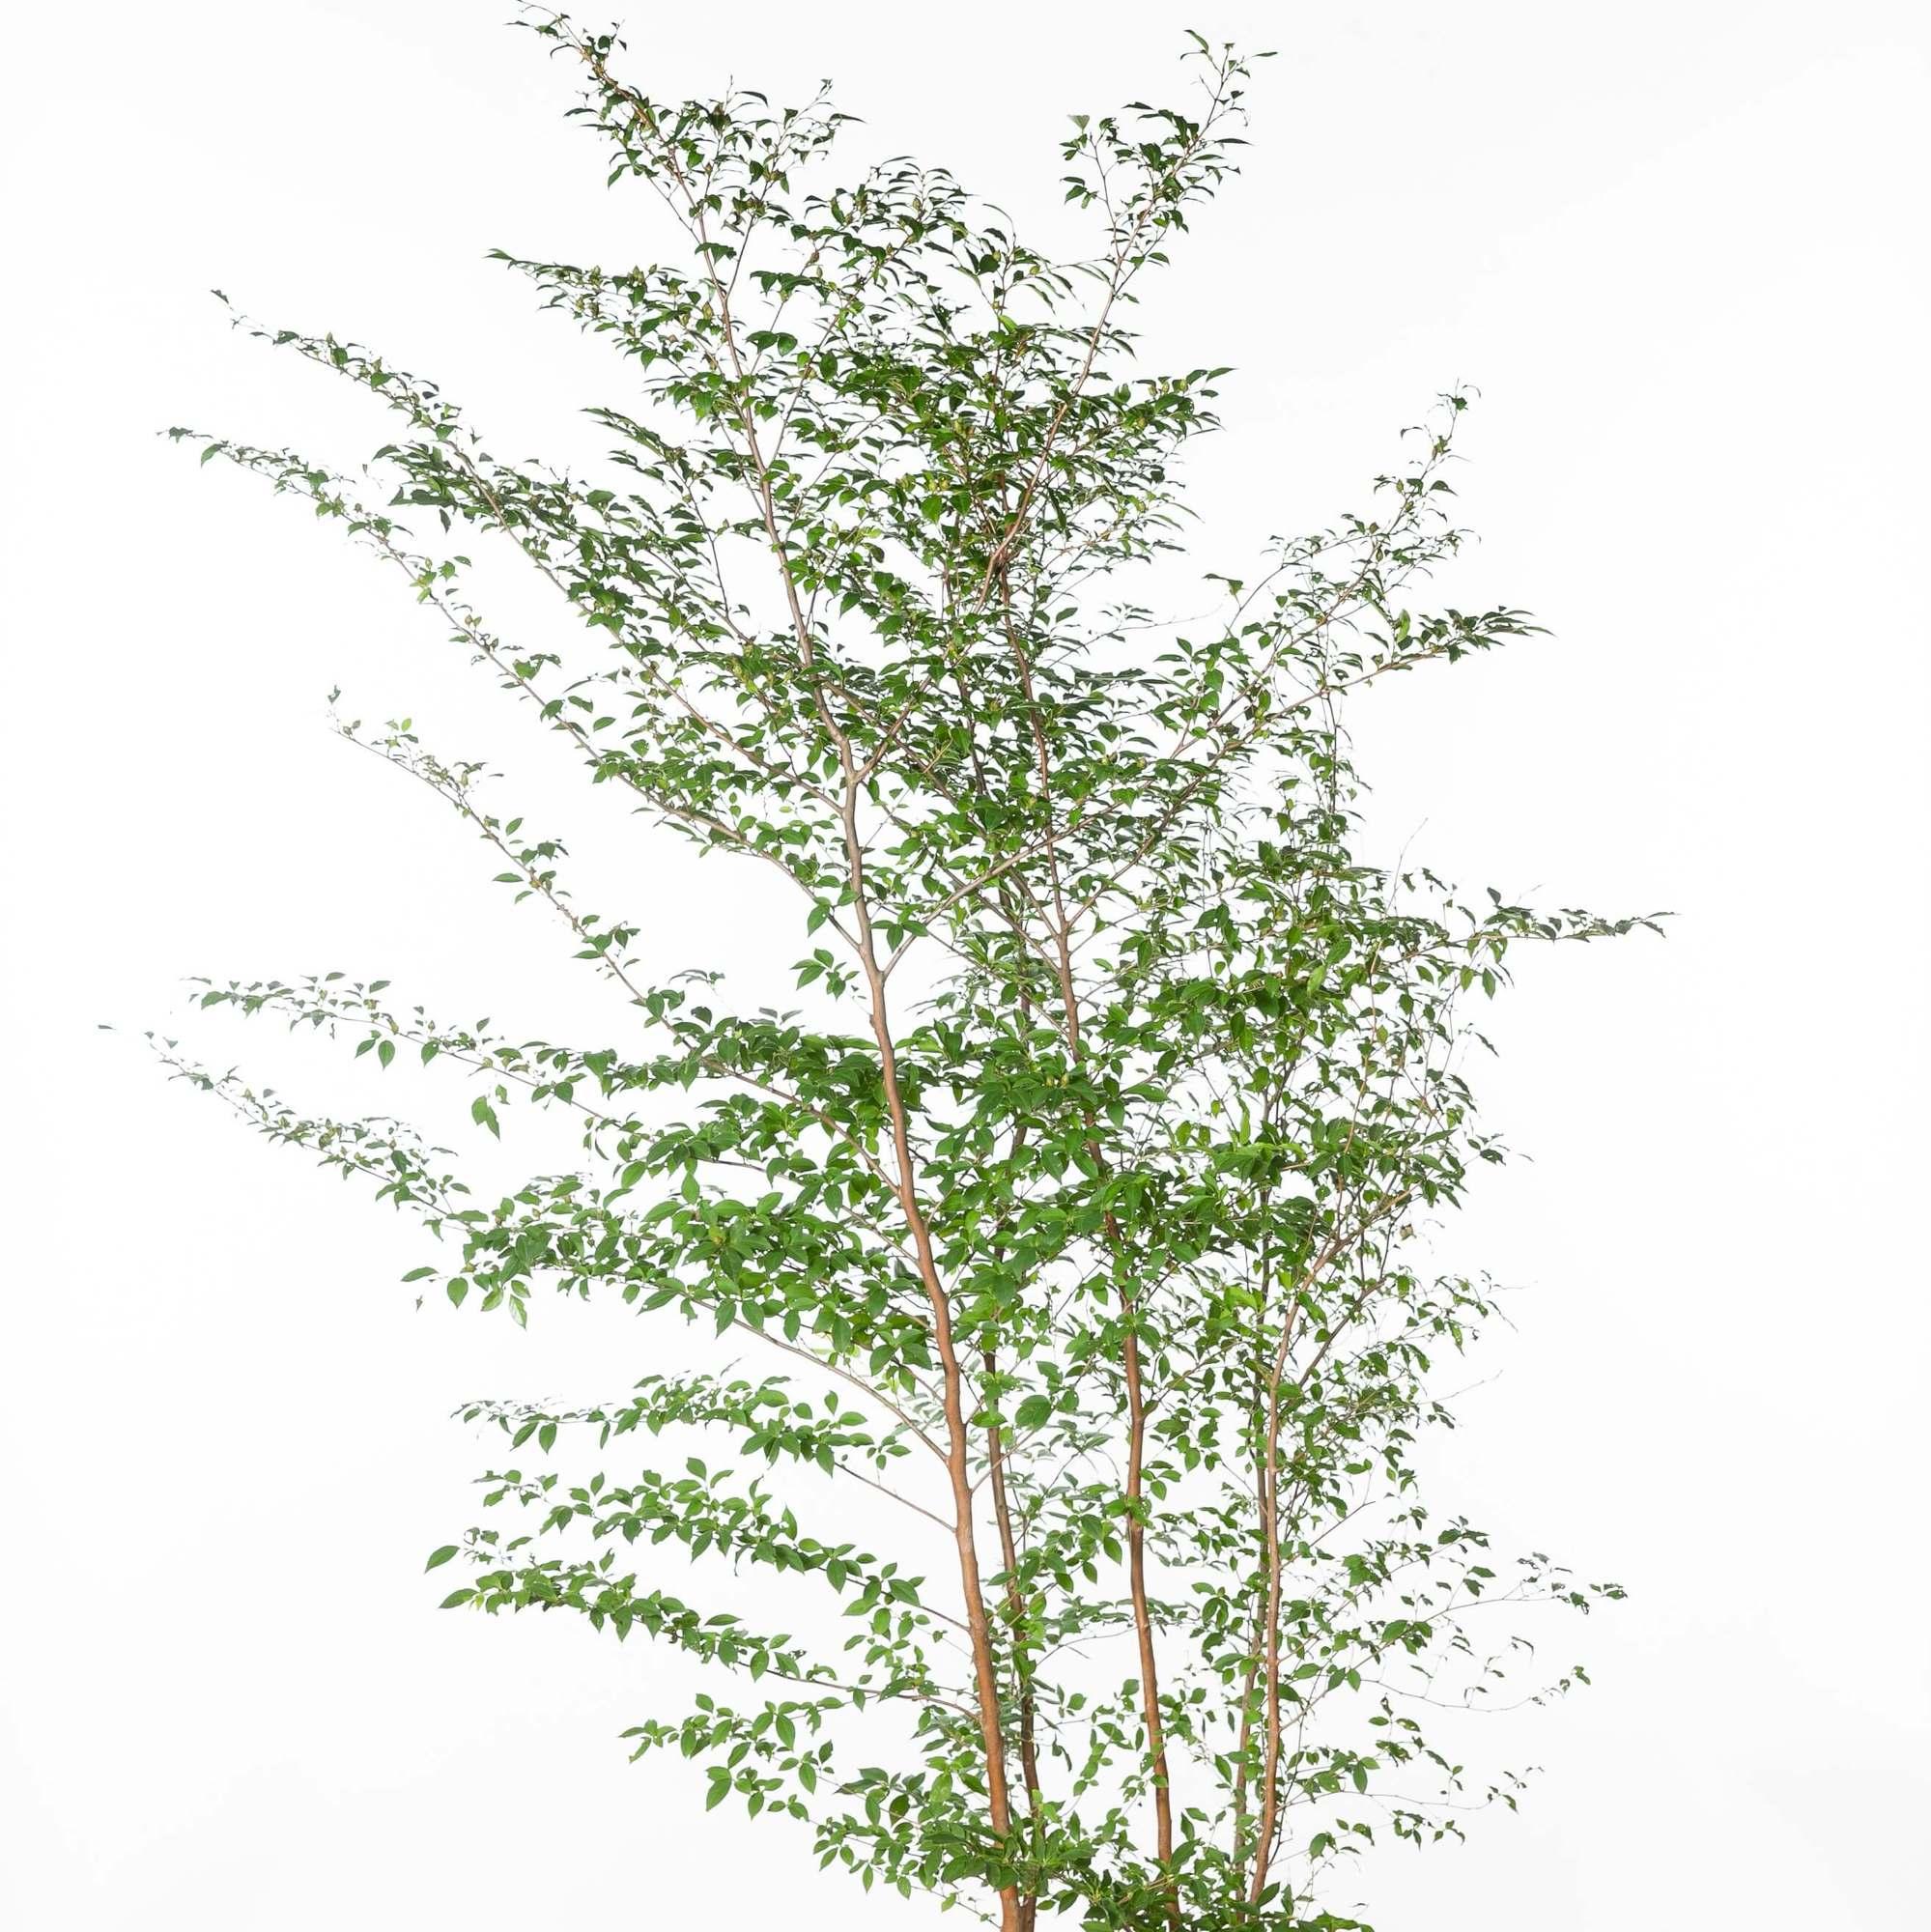 ヒメシャラ(姫沙羅)植栽 お庭 ガーデン